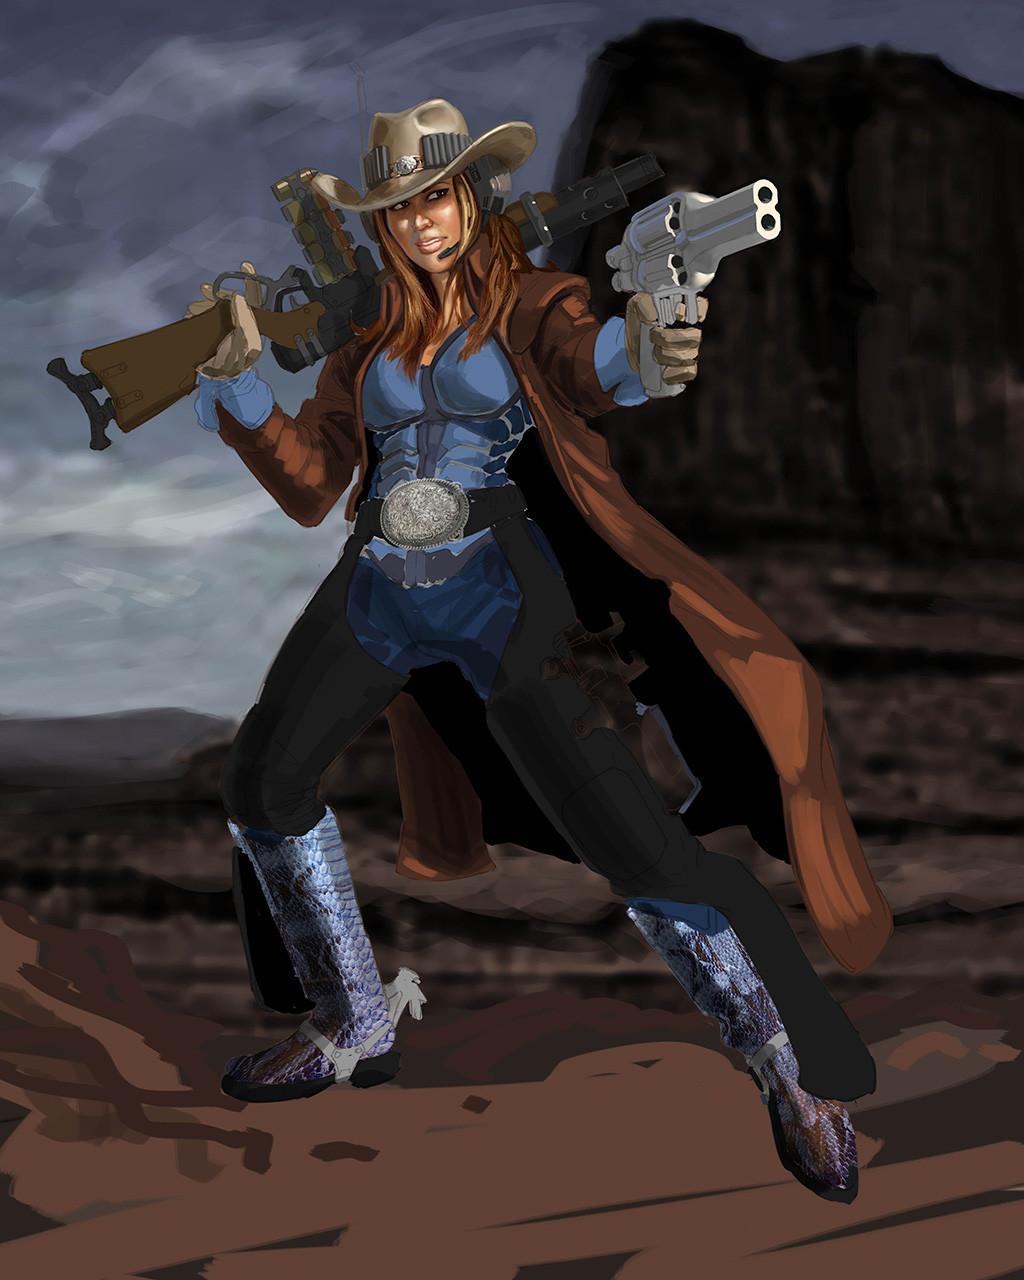 Jeff zugale cowgirl 01d paintprogress1 lo